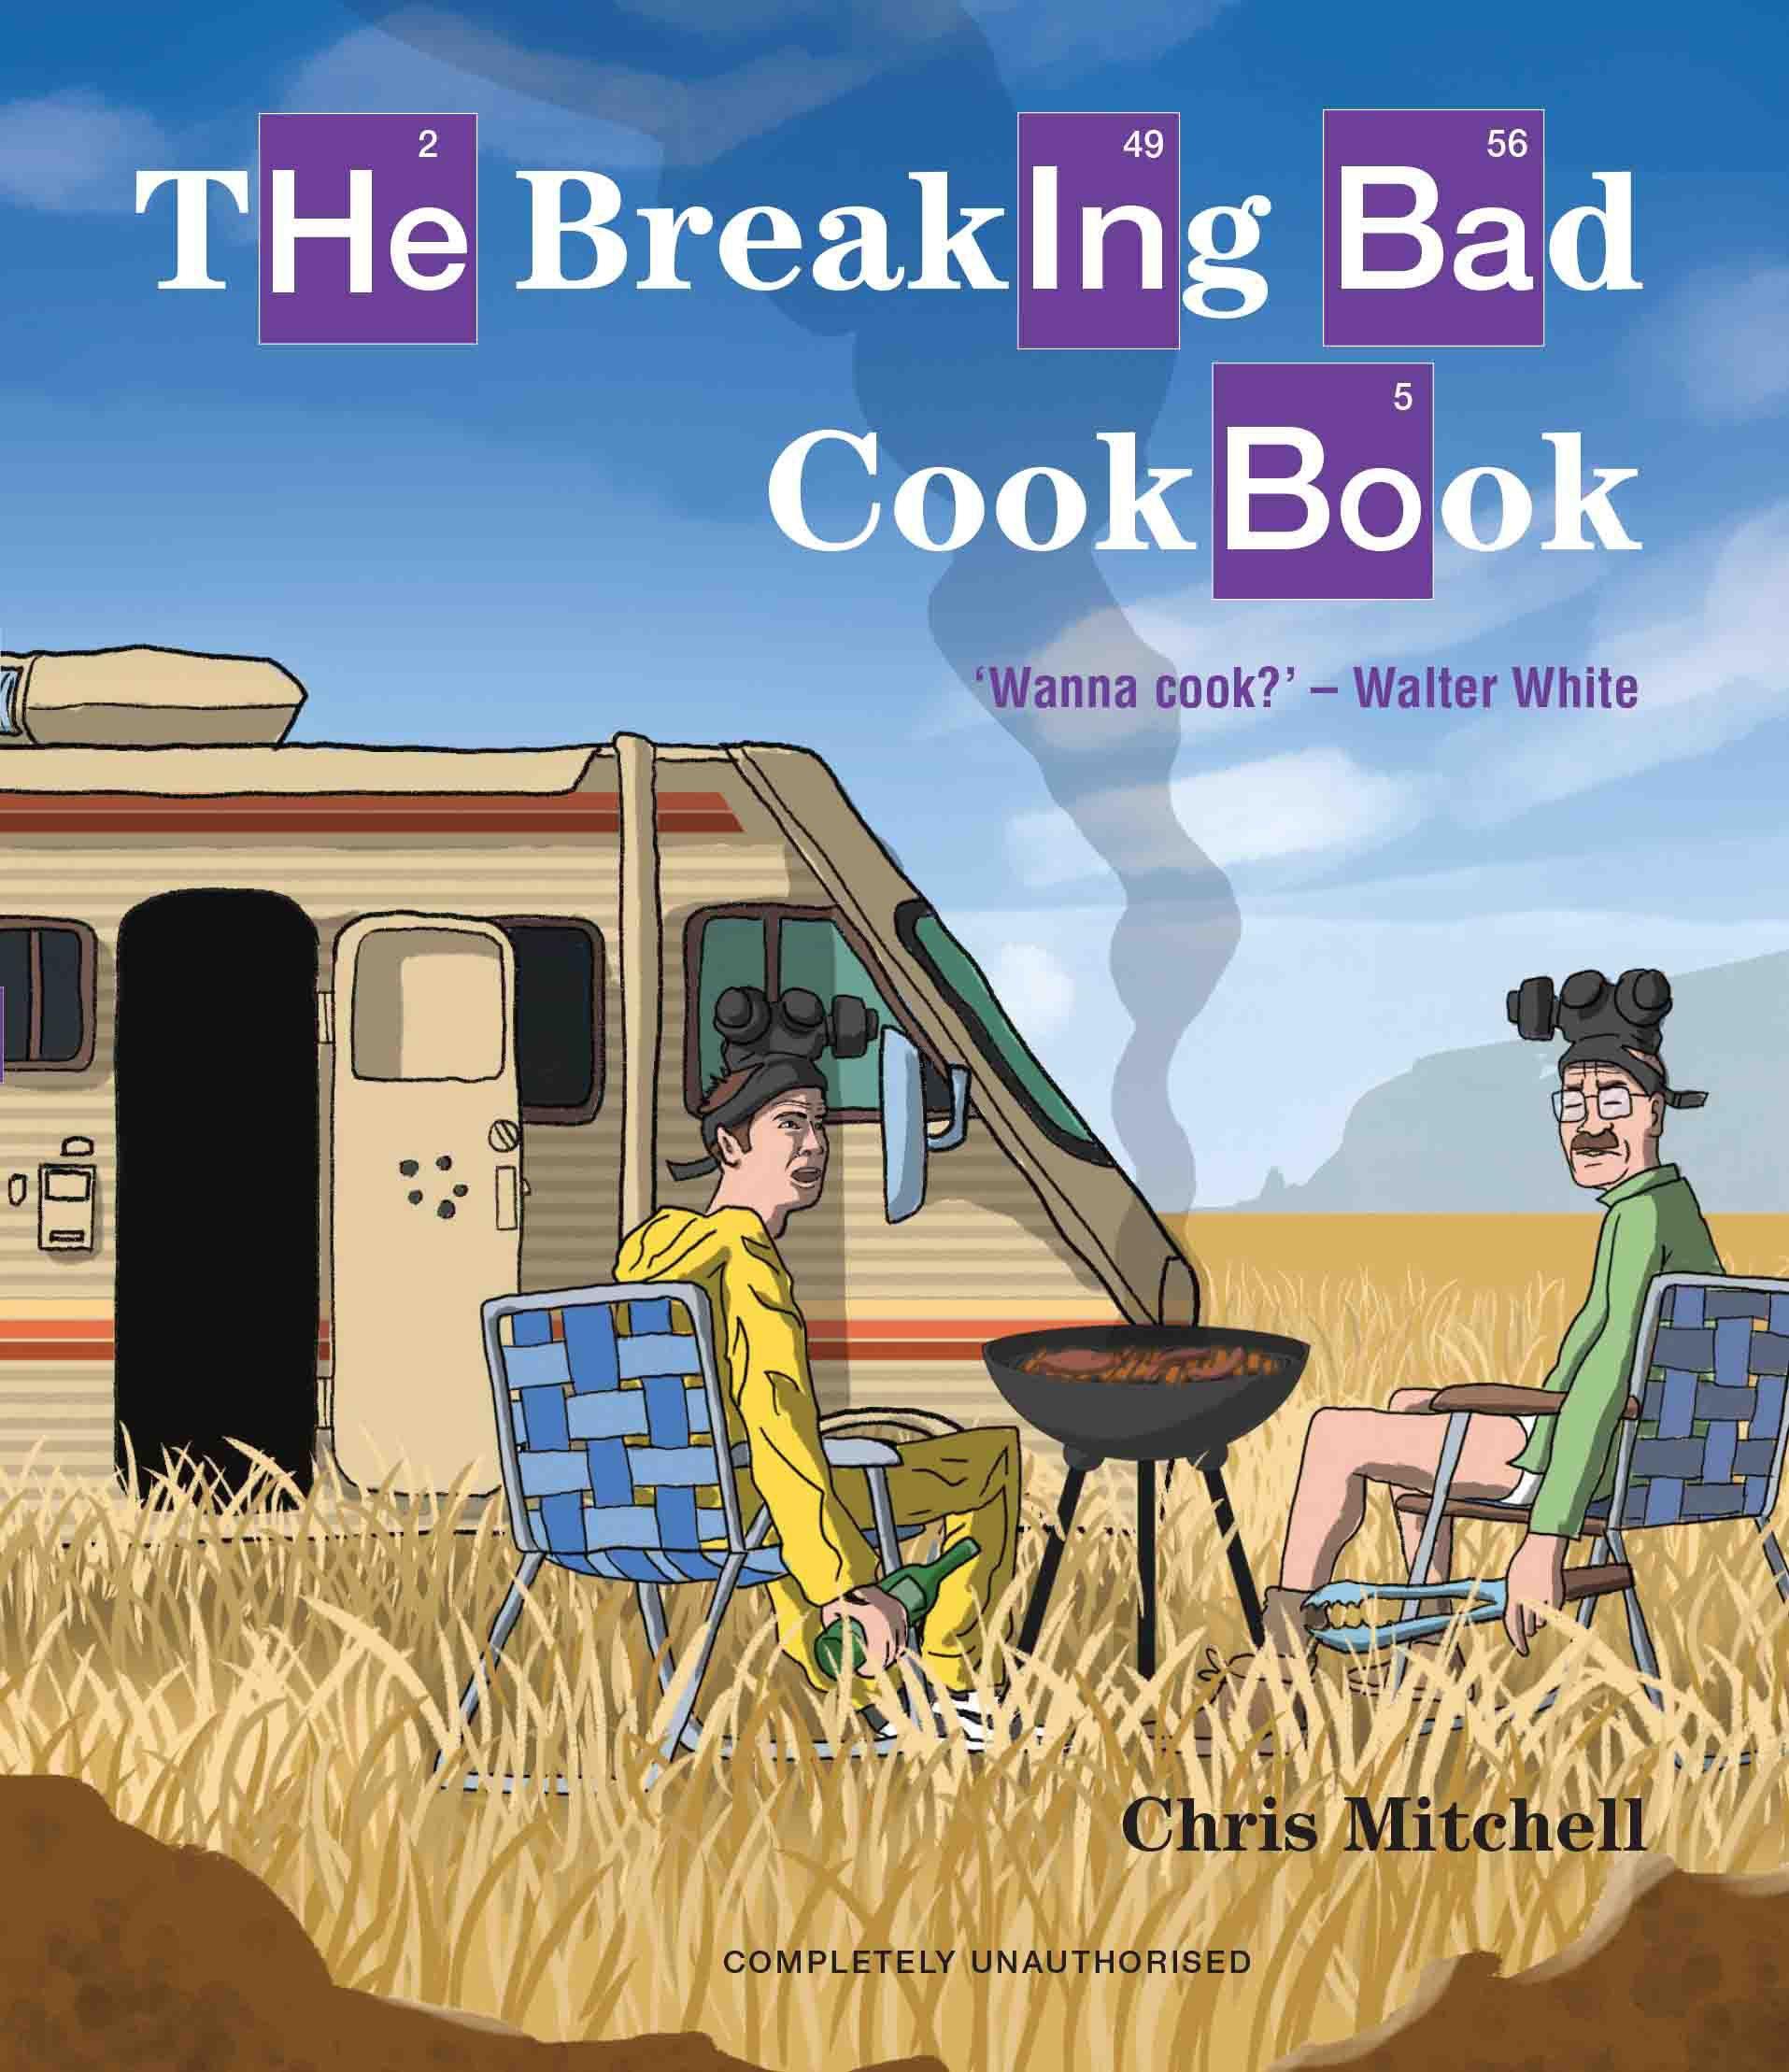 The Breaking Bad Cookbook: Amazon.de: Chris Mitchell: Fremdsprachige Bücher